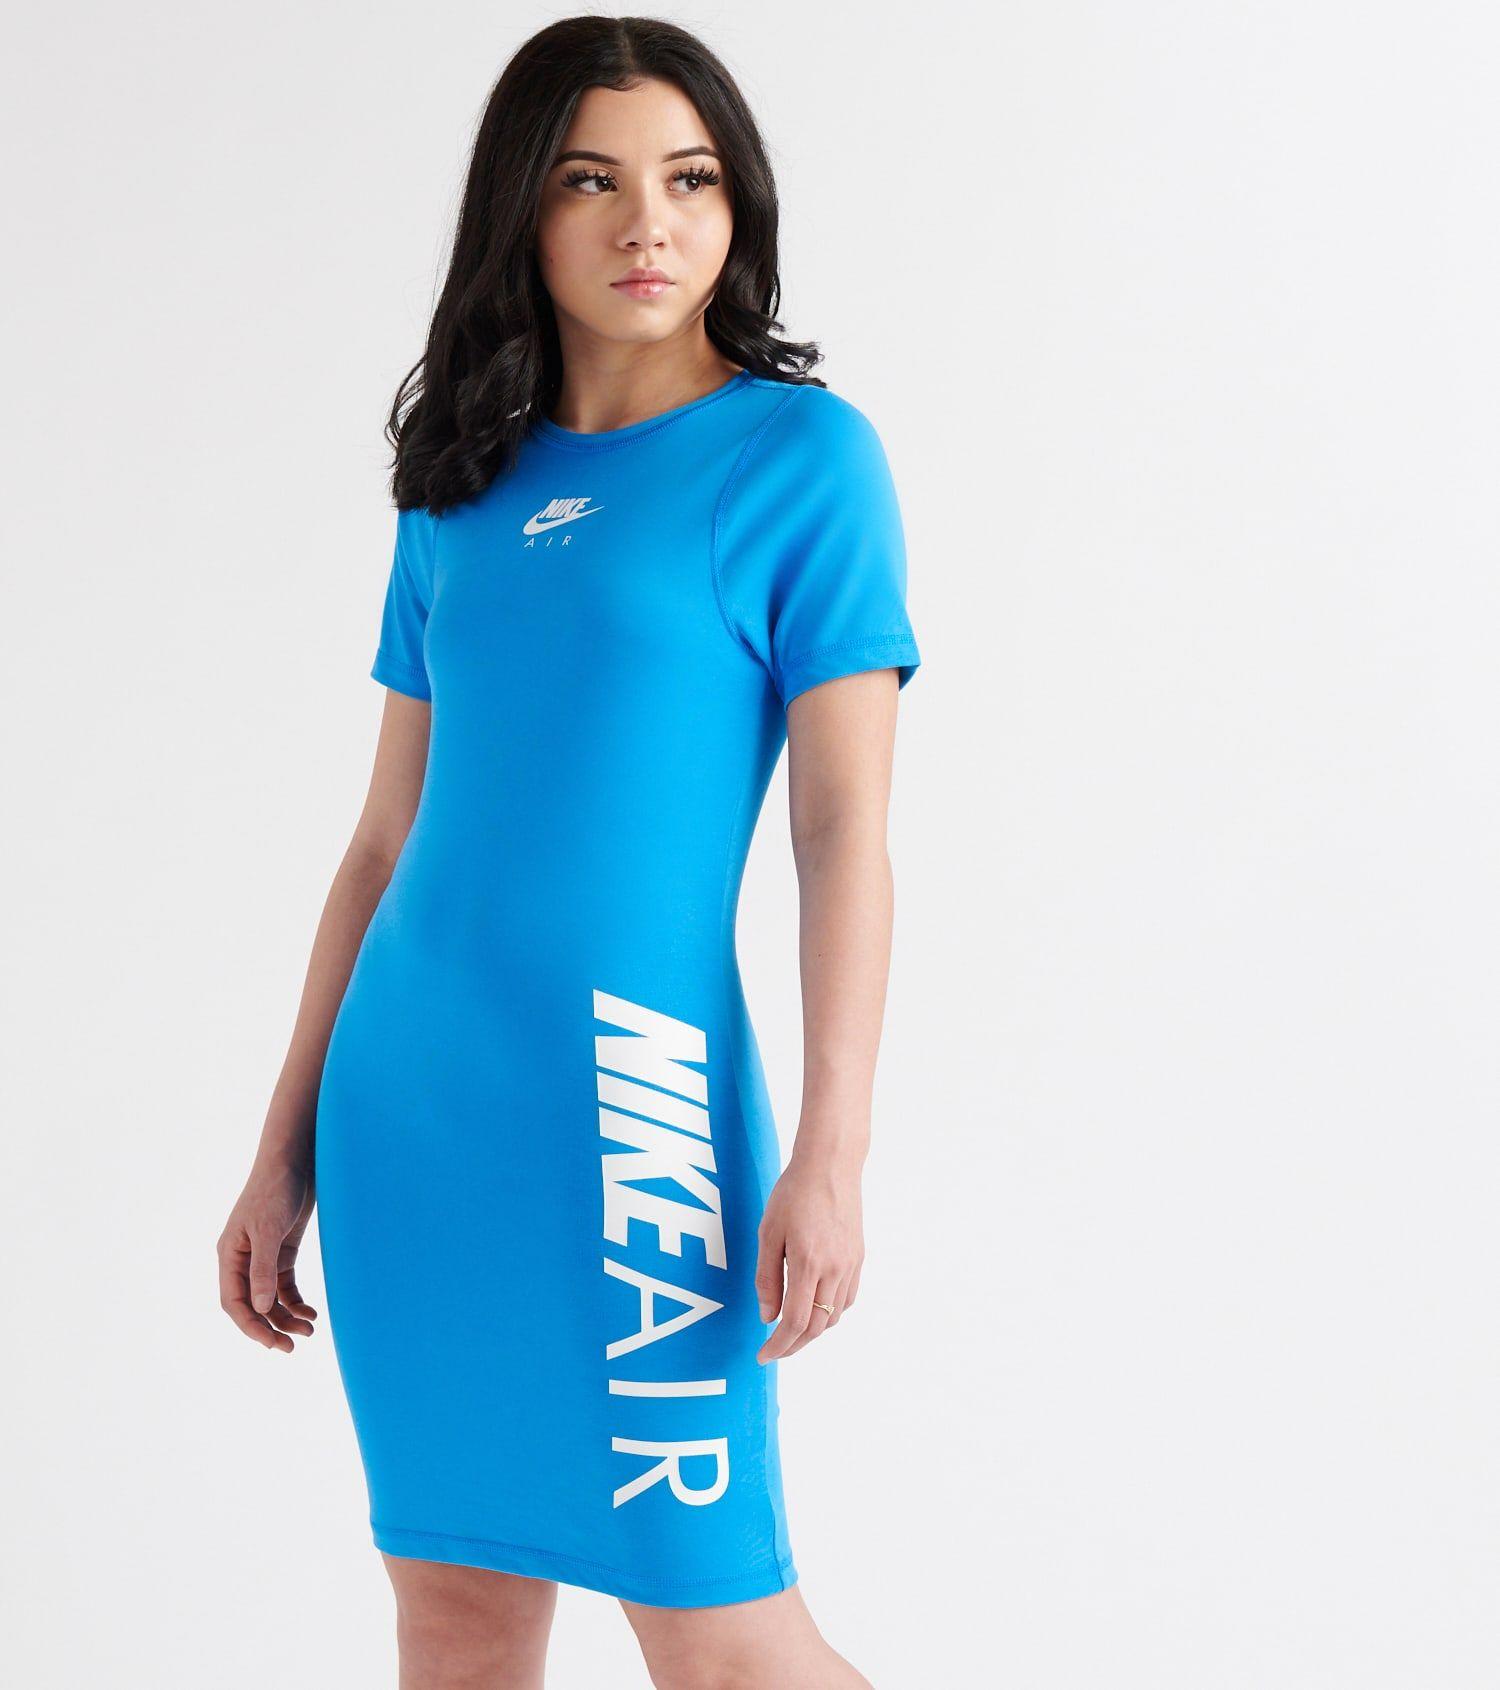 Nike Air Dress Shirt (Blue) - AR3288-435 | Jimmy Jazz | Nike ...